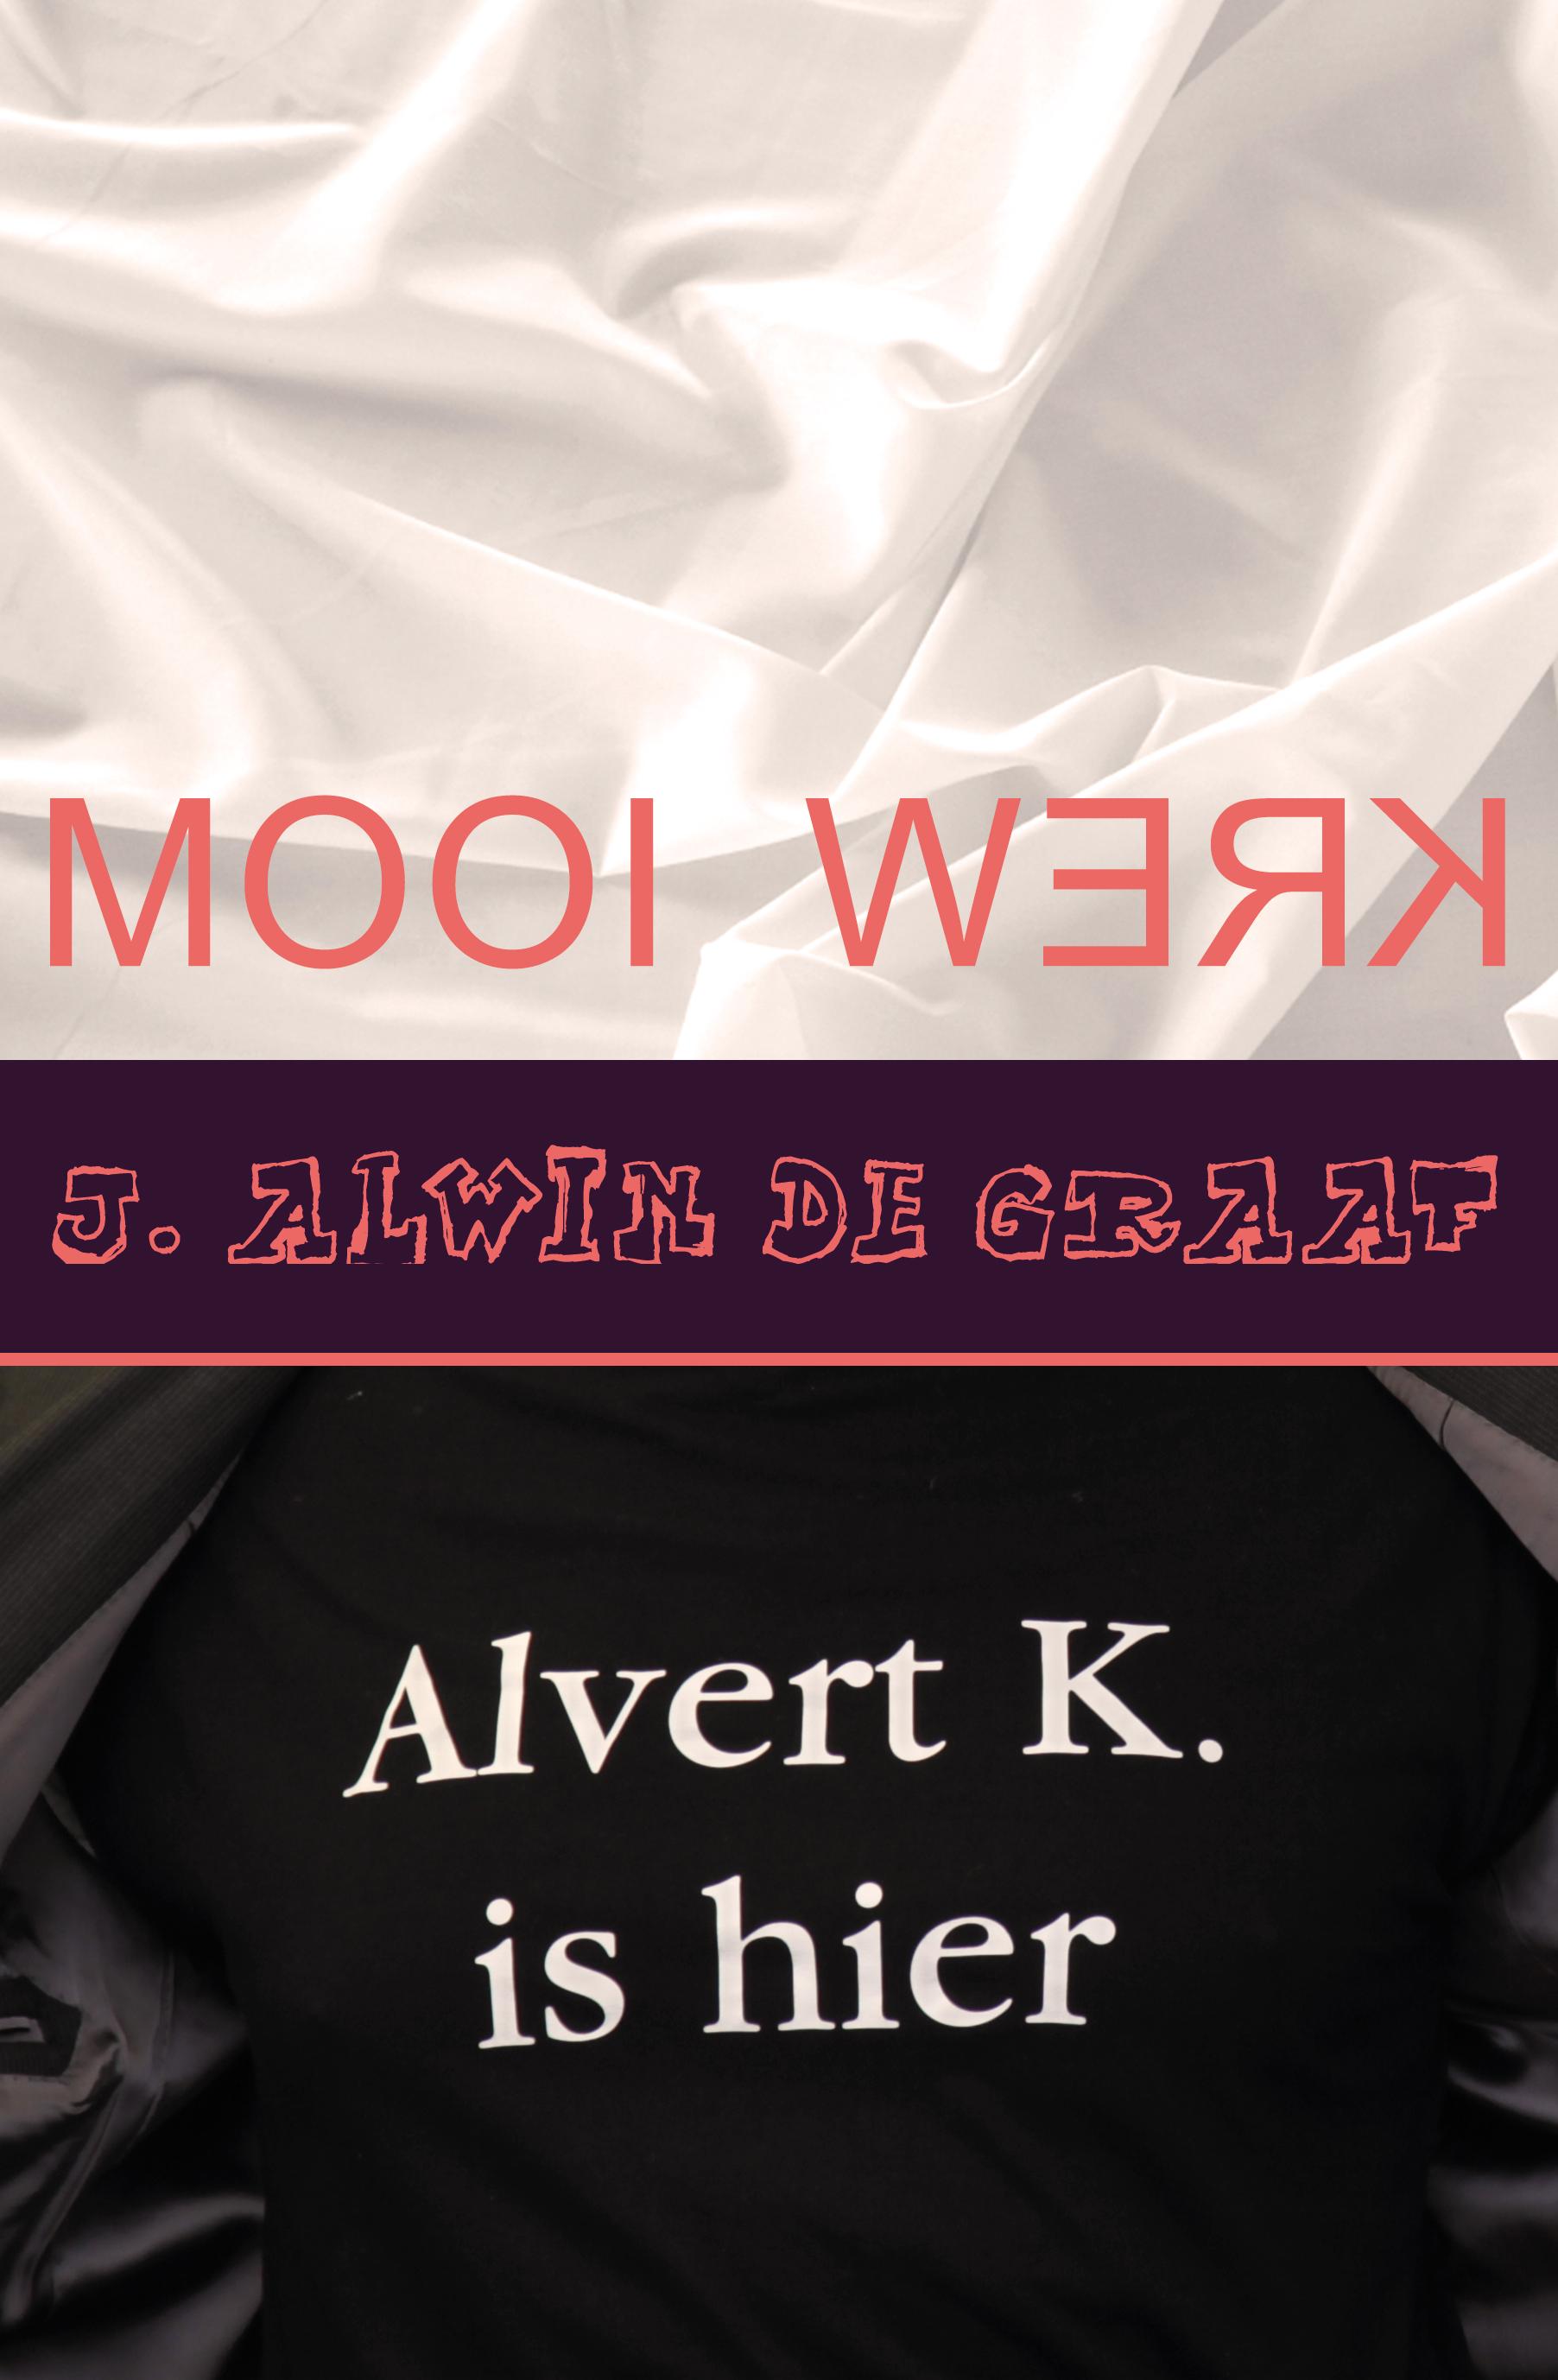 J. Alwin de Graaf - Mooi werk